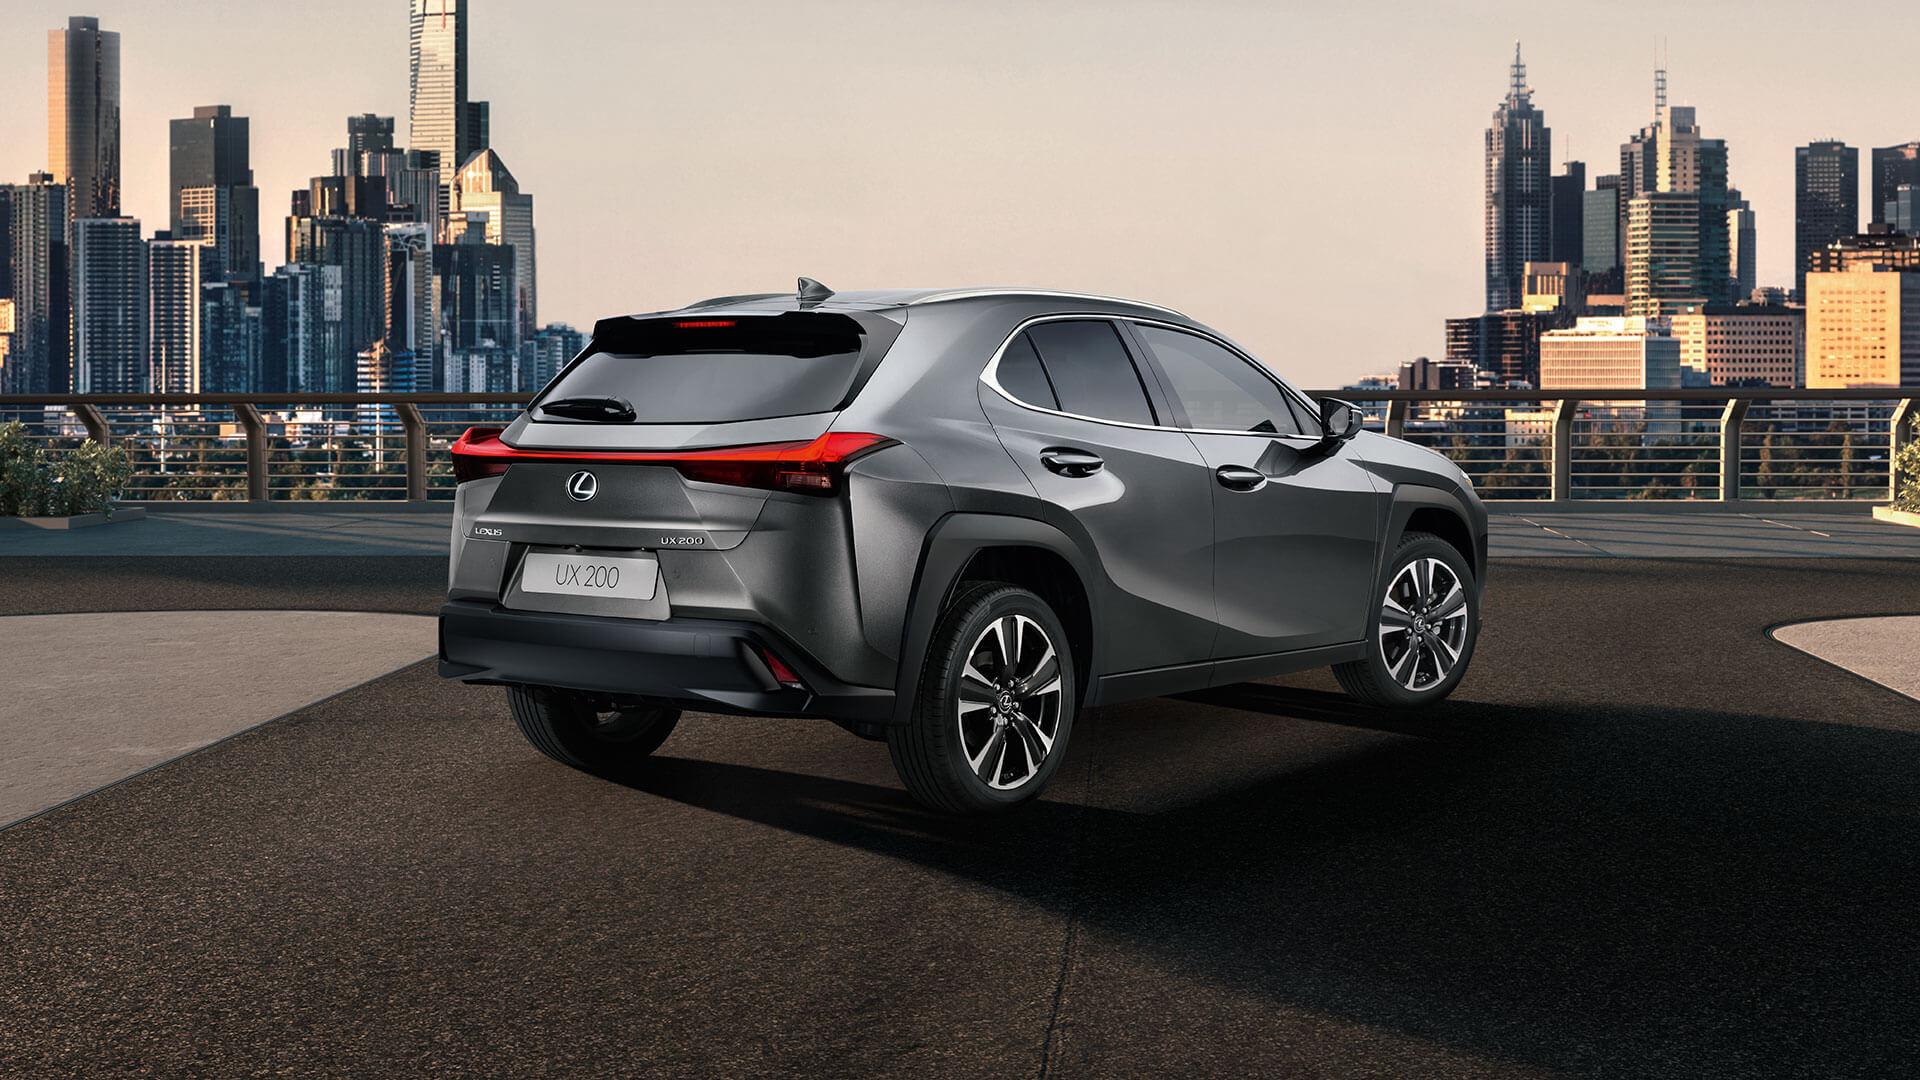 Lexus Ux schwarz Rückansicht vor Stadt